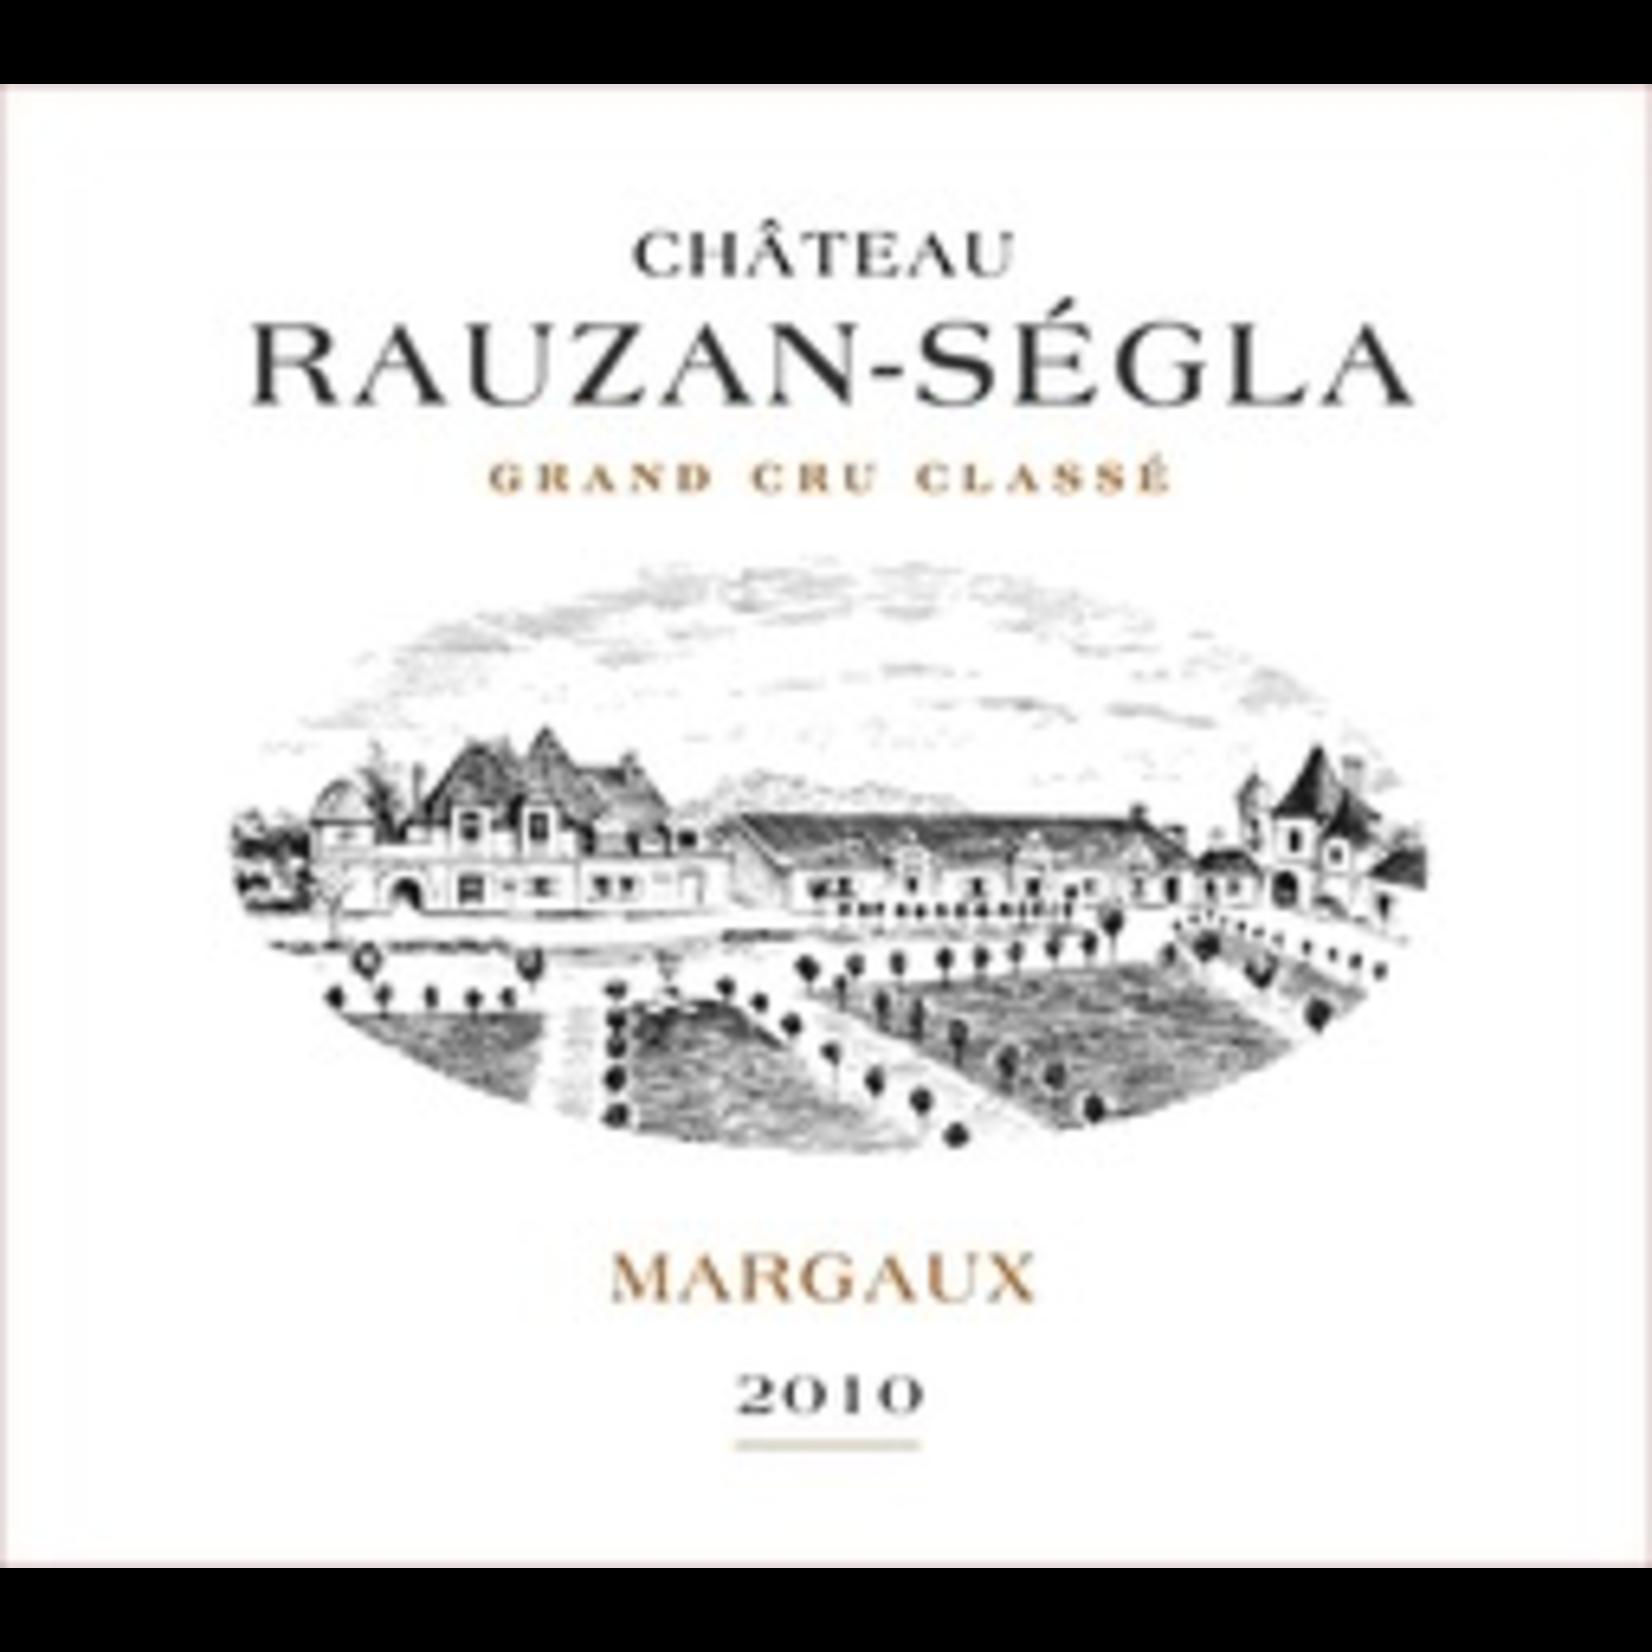 Wine Chateau Rauzan Segla 2010